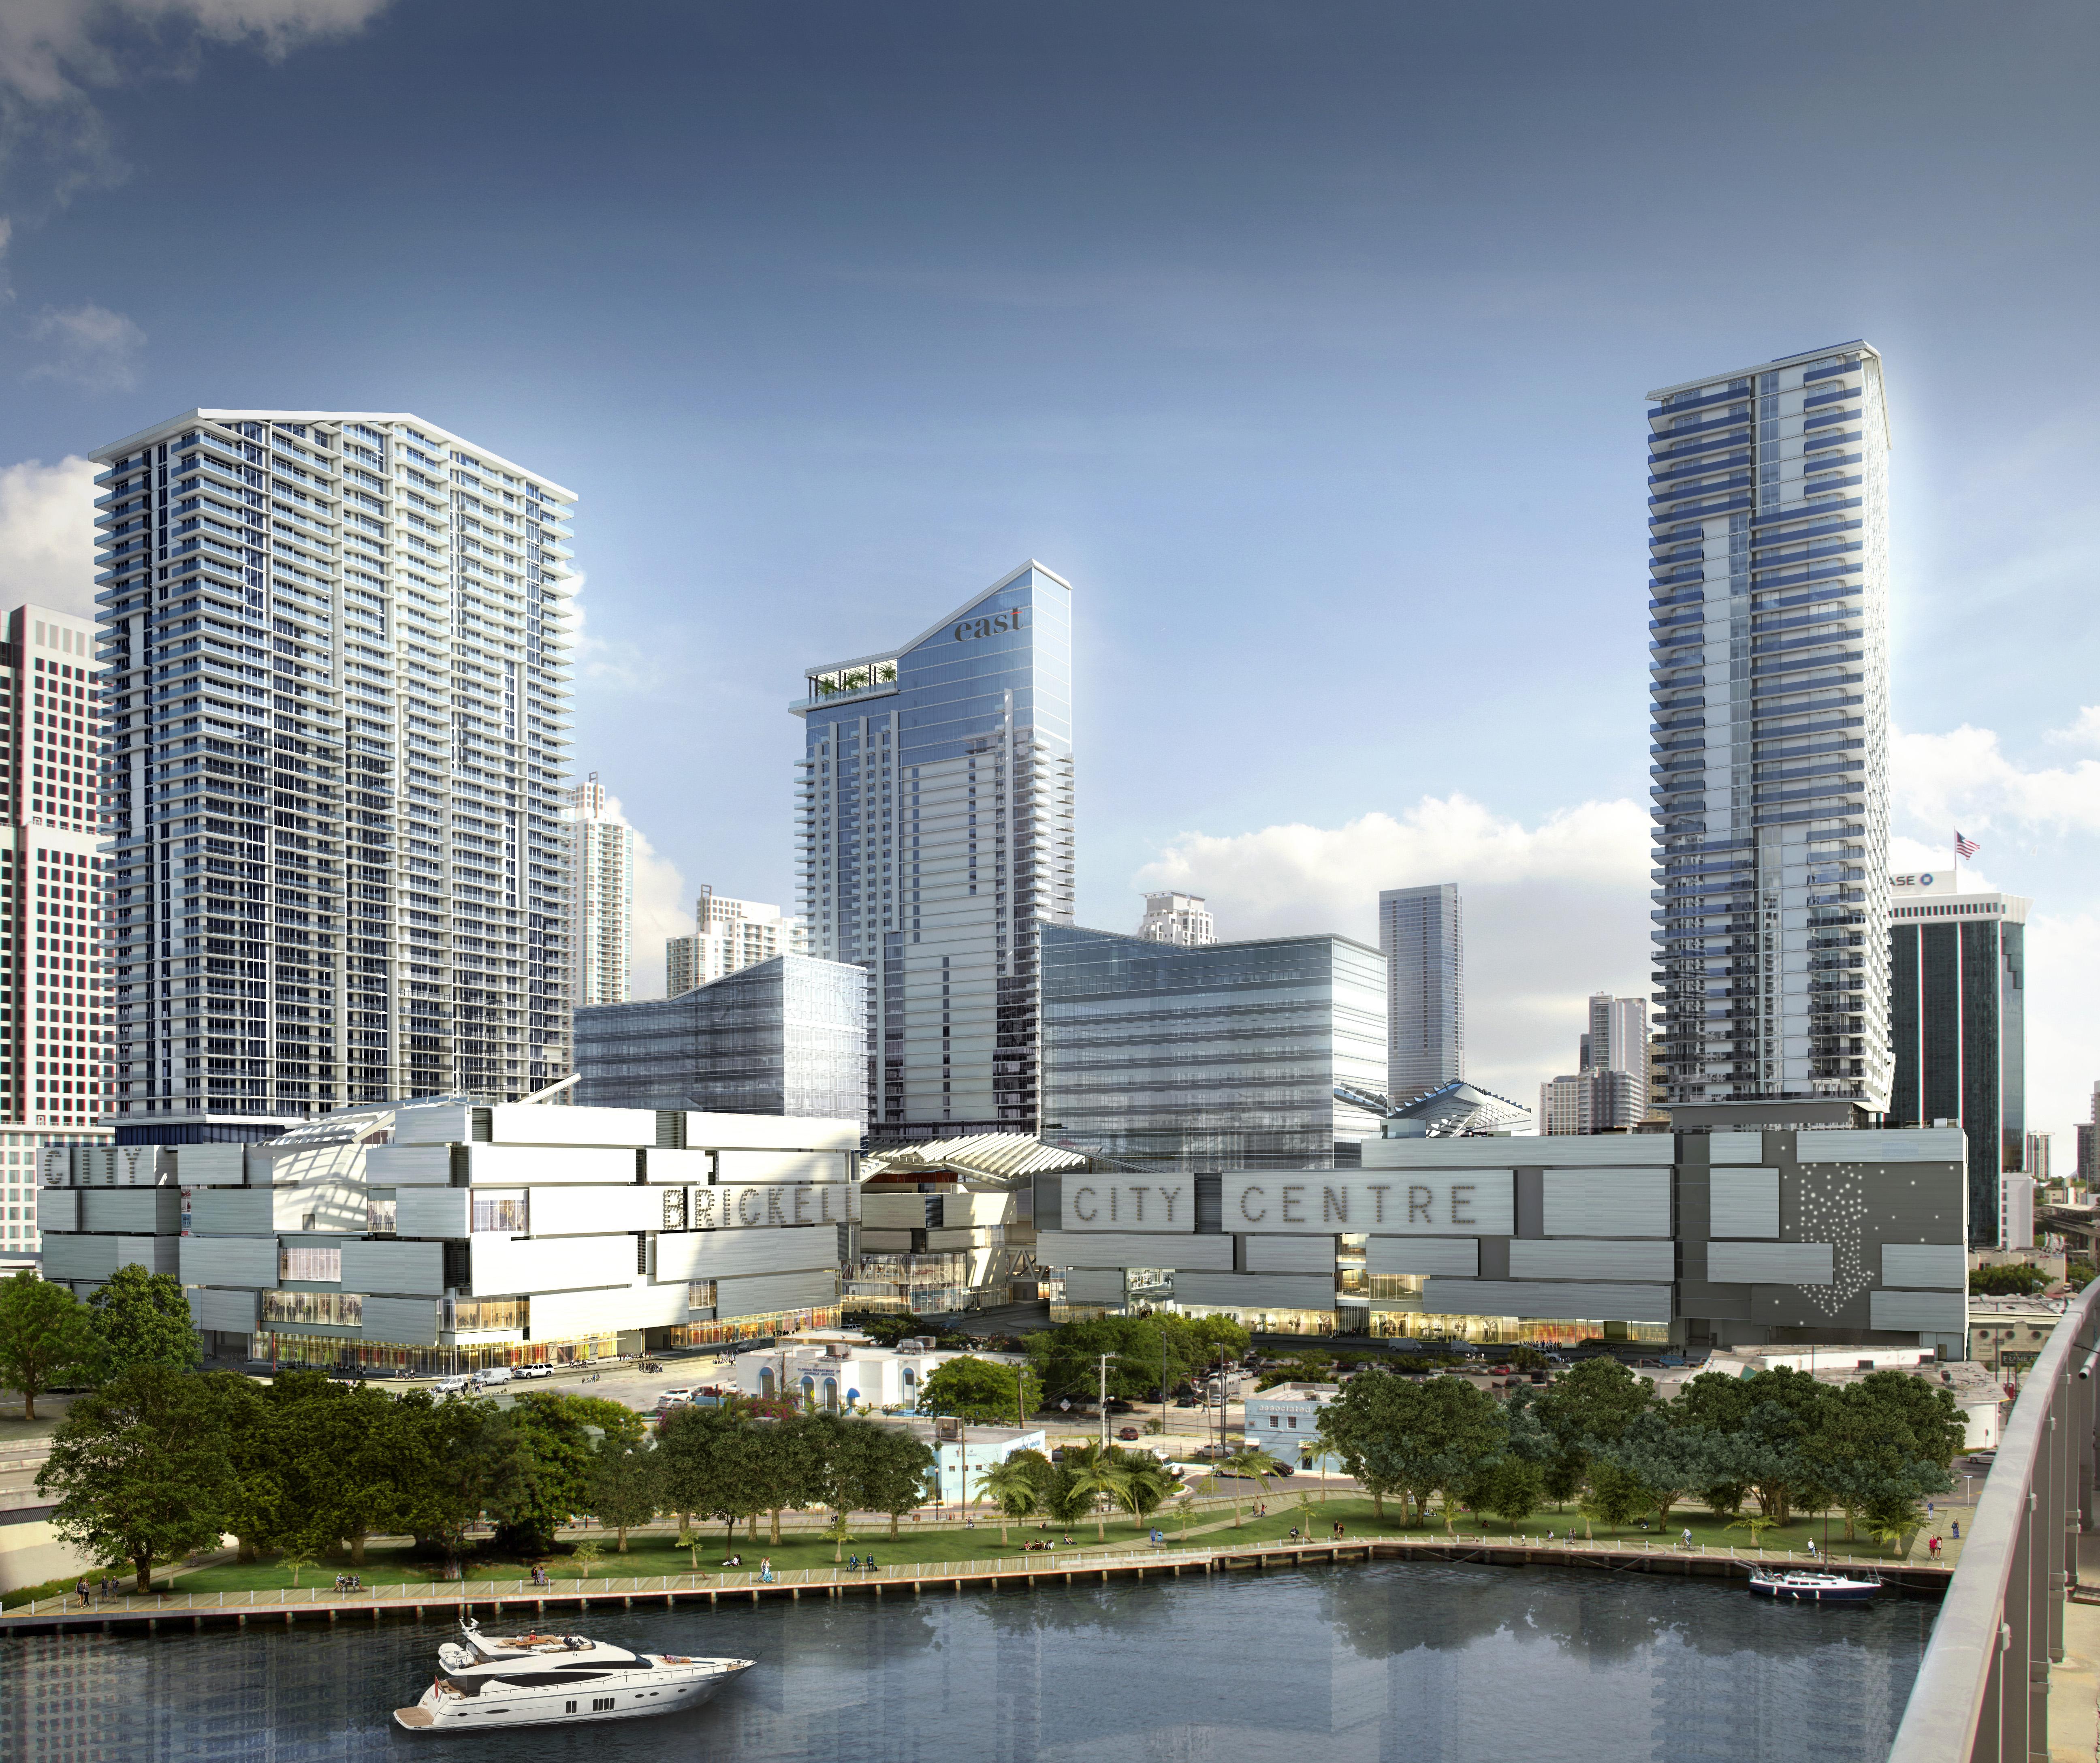 Condominium for Sale at 88 Sw 7 Street #3412 88 Sw 7 Street 3412 Miami, Florida, 33131 United States